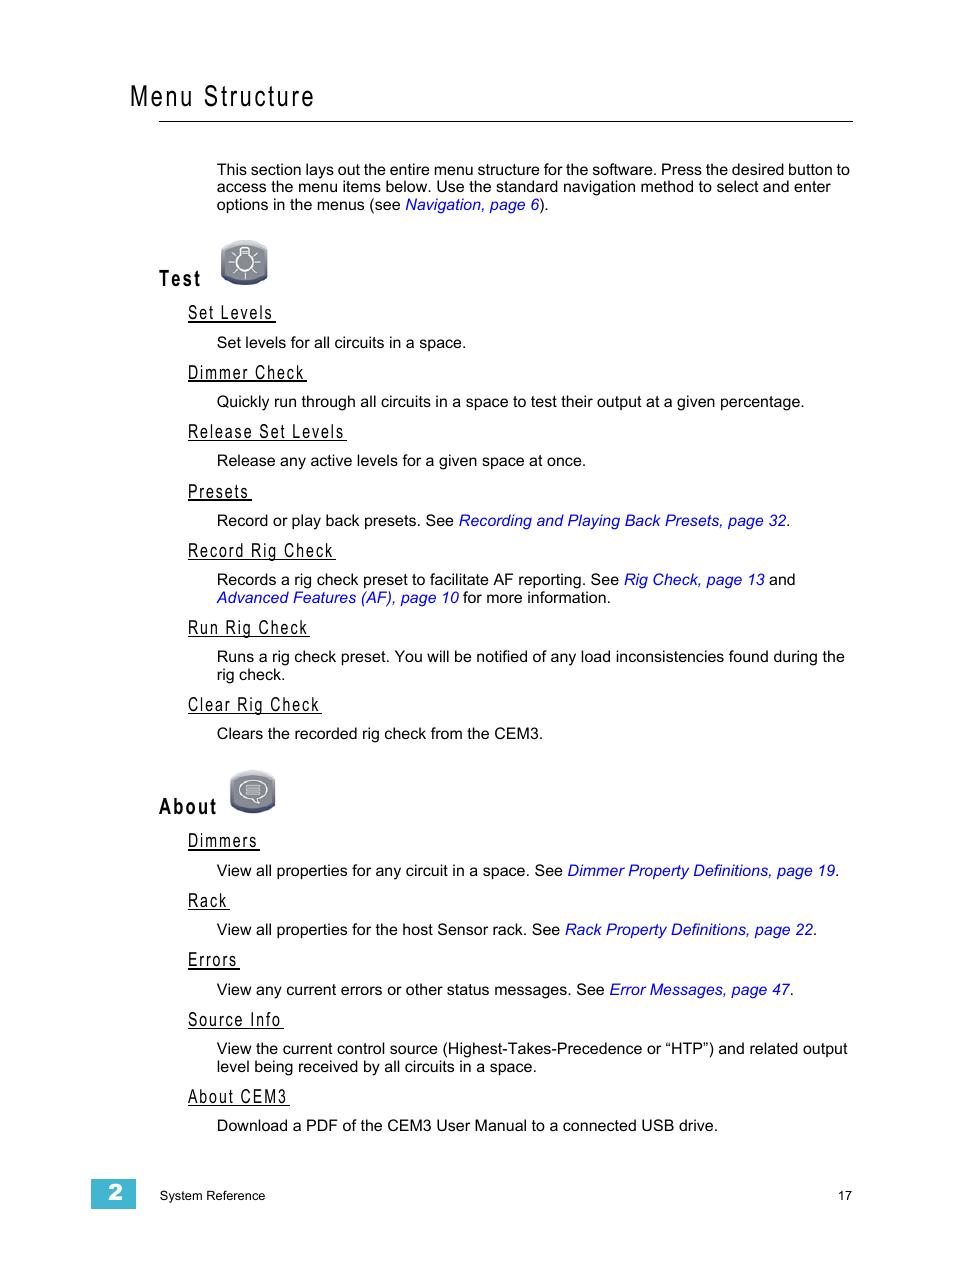 Menu structure, Test, Set levels | ETC CEM3 v1 5 1 User Manual